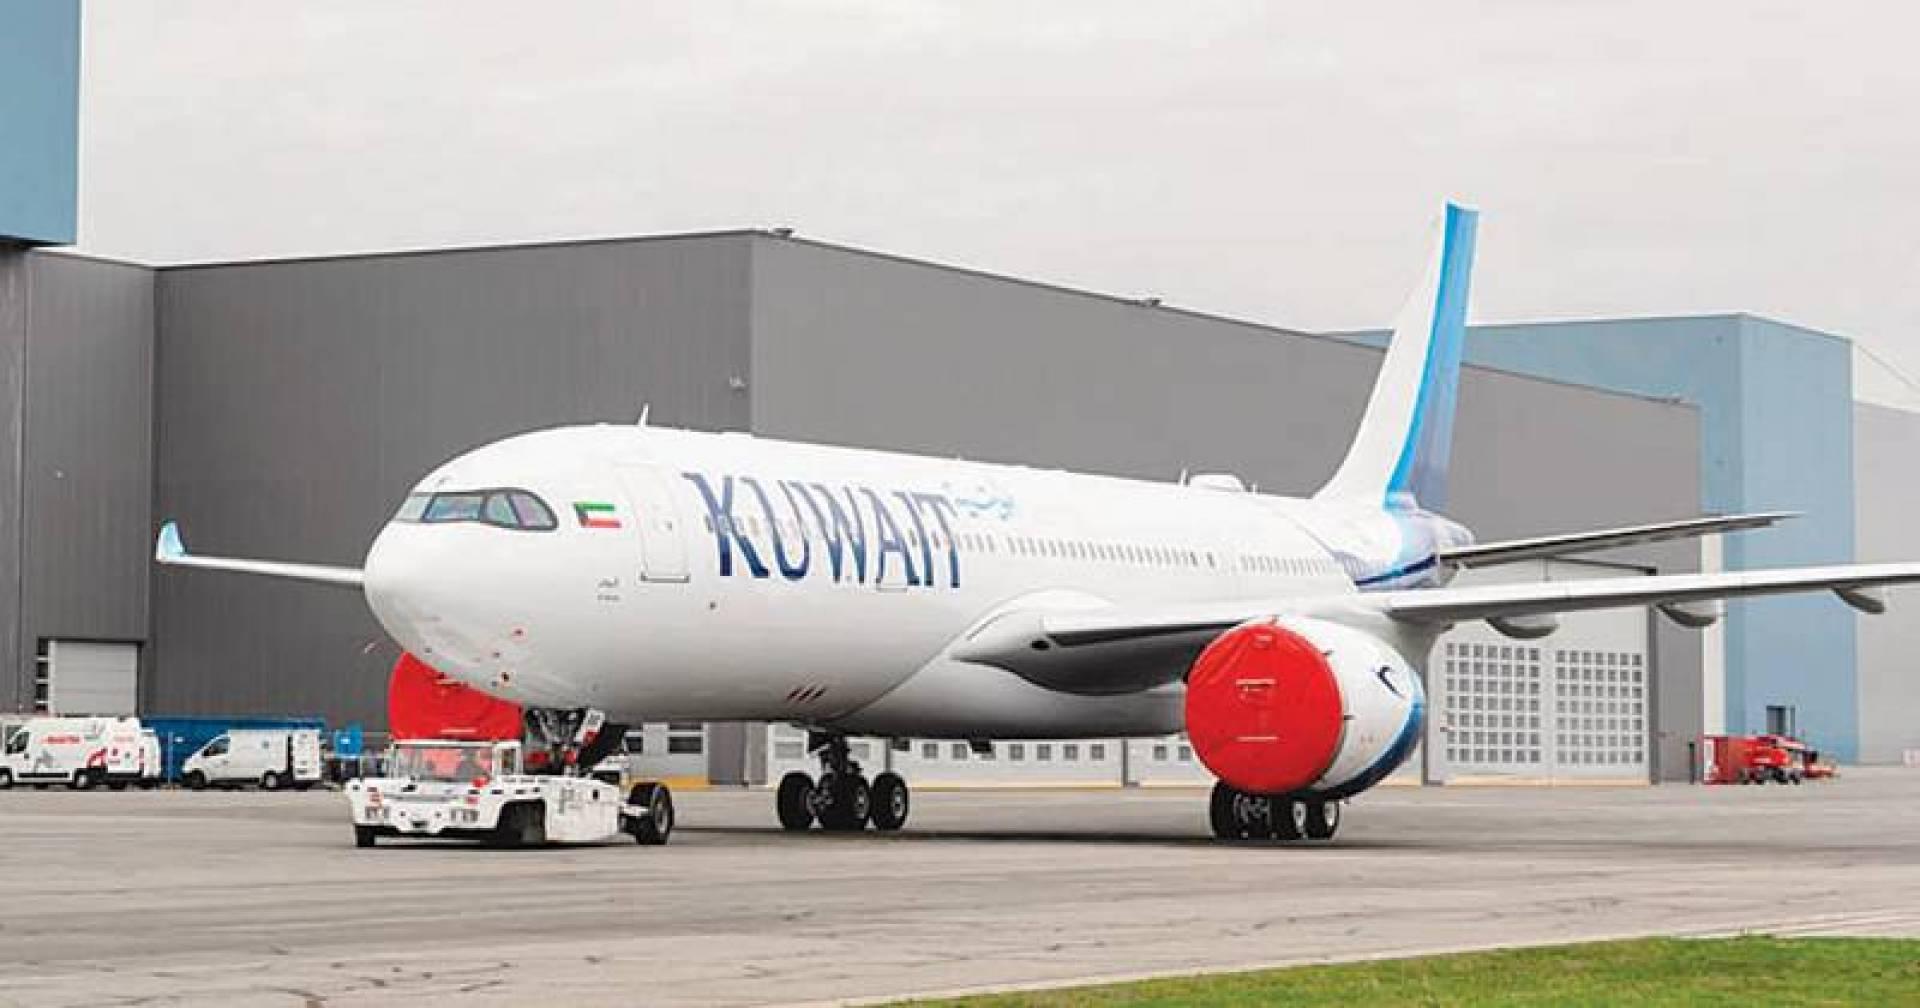 الطائرة 800 ـــ A330 تستعد للانضمام إلى أسطول «الخطوط الكويتية» في الربع الثالث